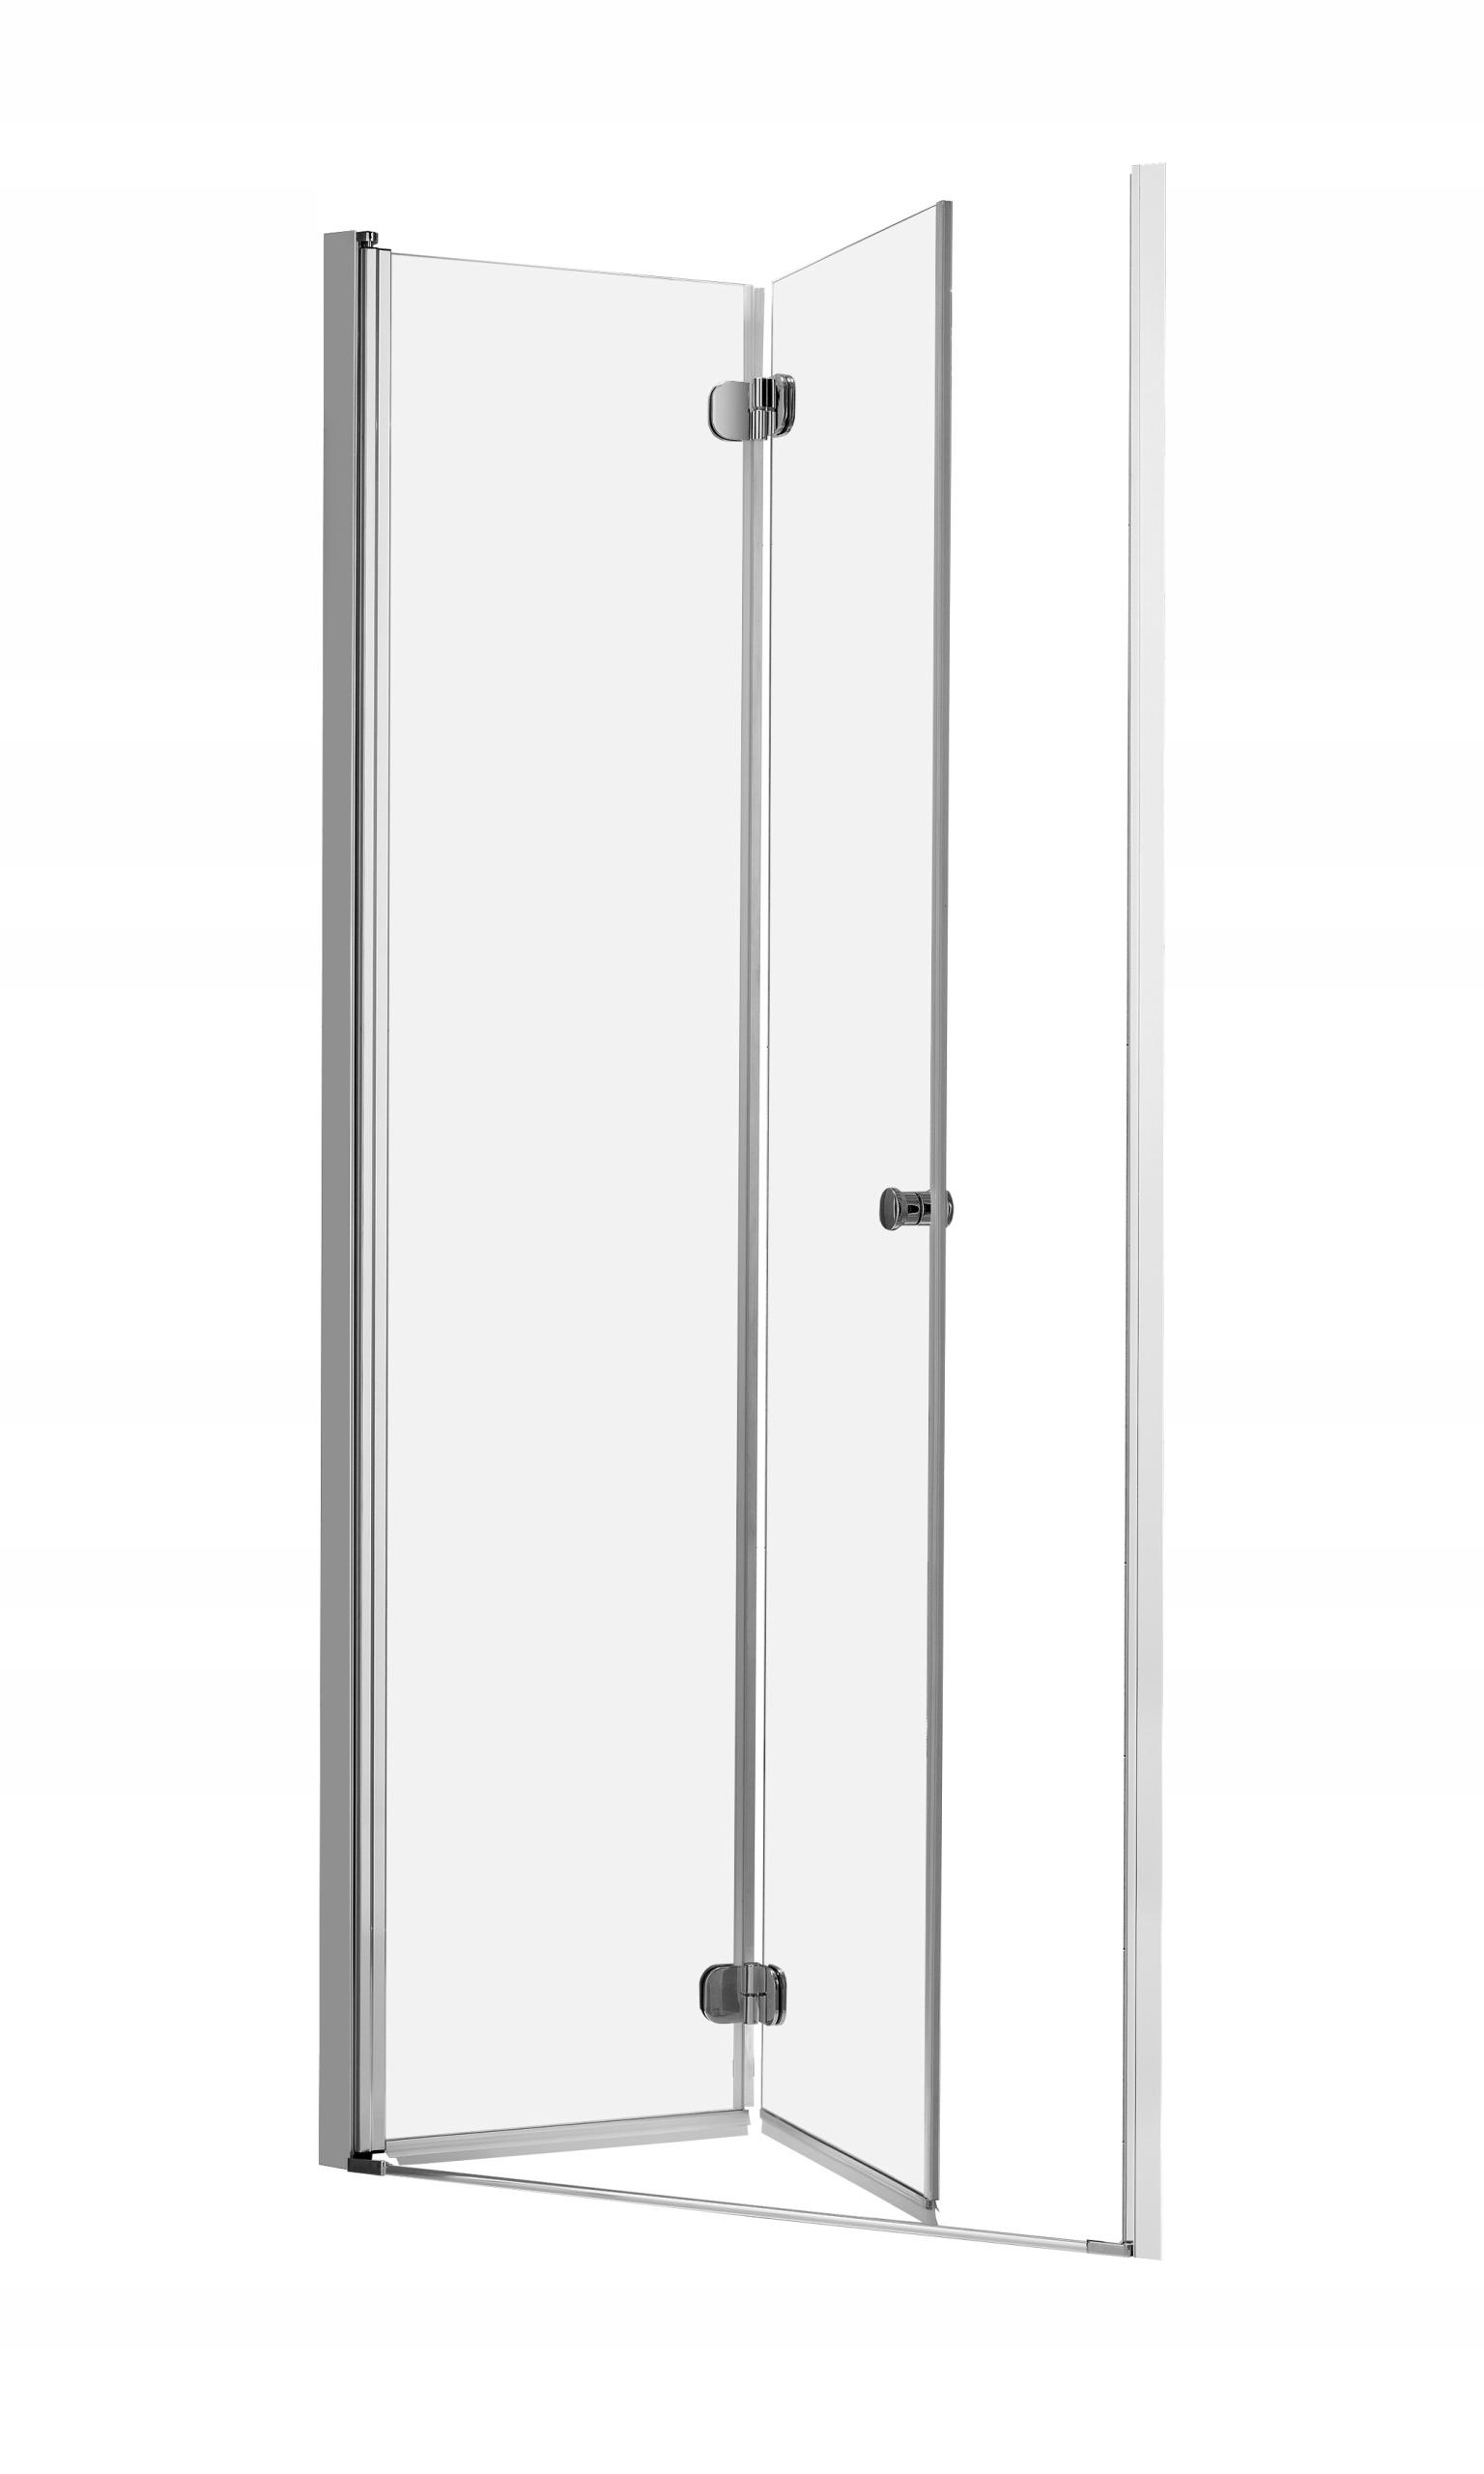 Sprchové dvere EOS DWB 70x197 číre kl